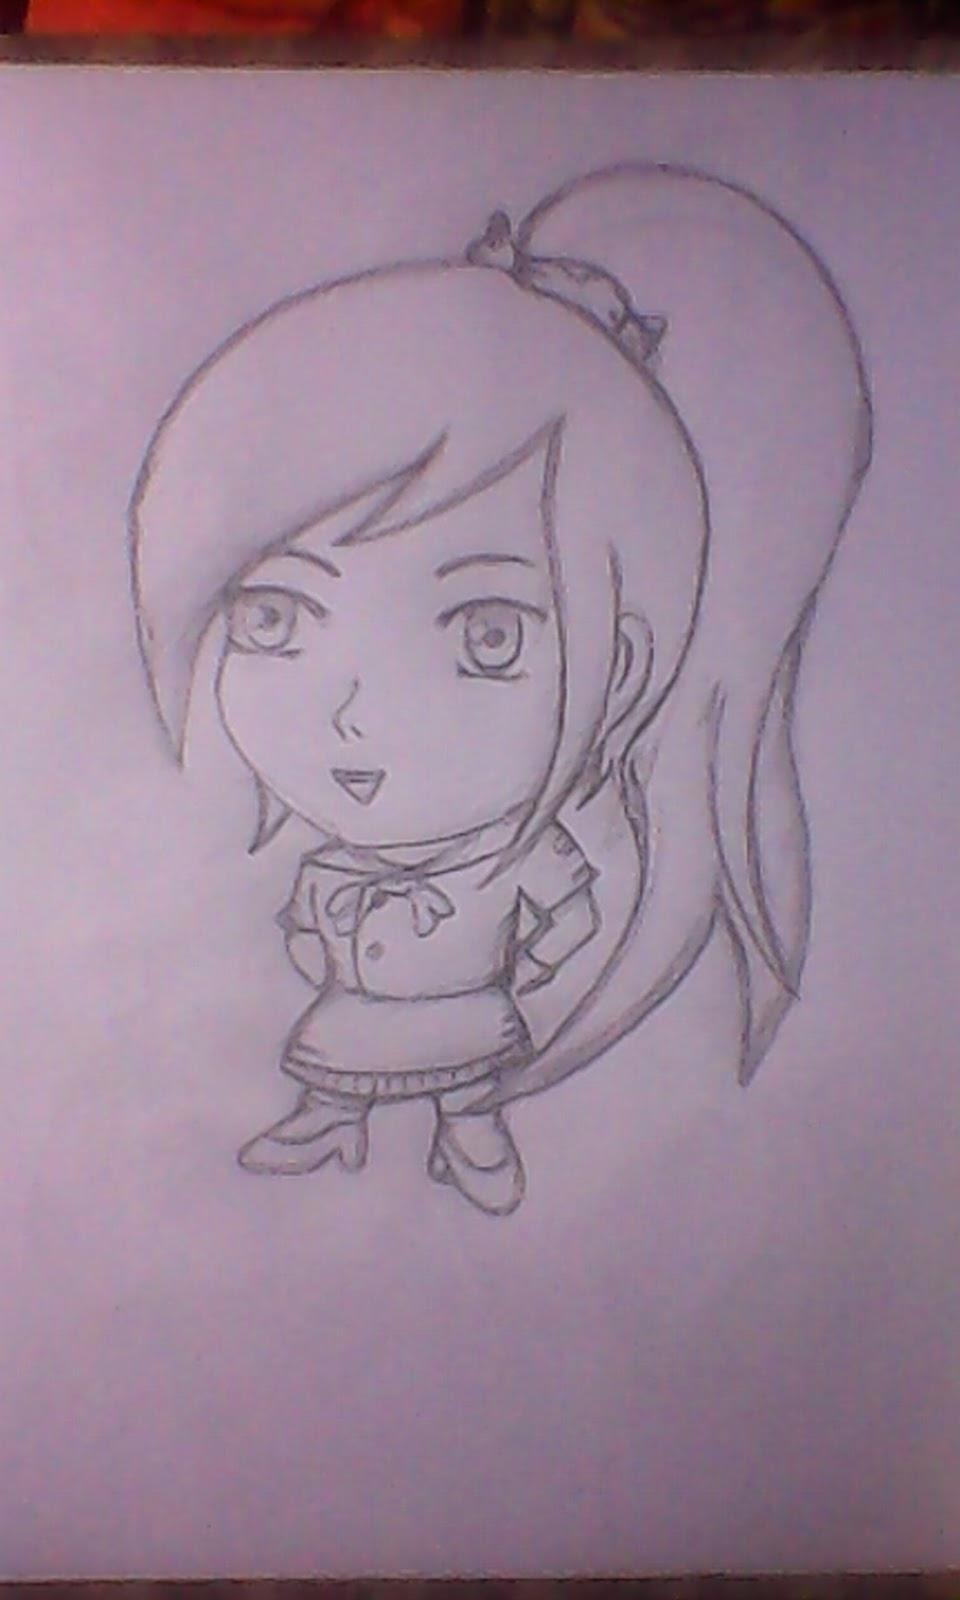 Gambar anime kartun dengan pensil